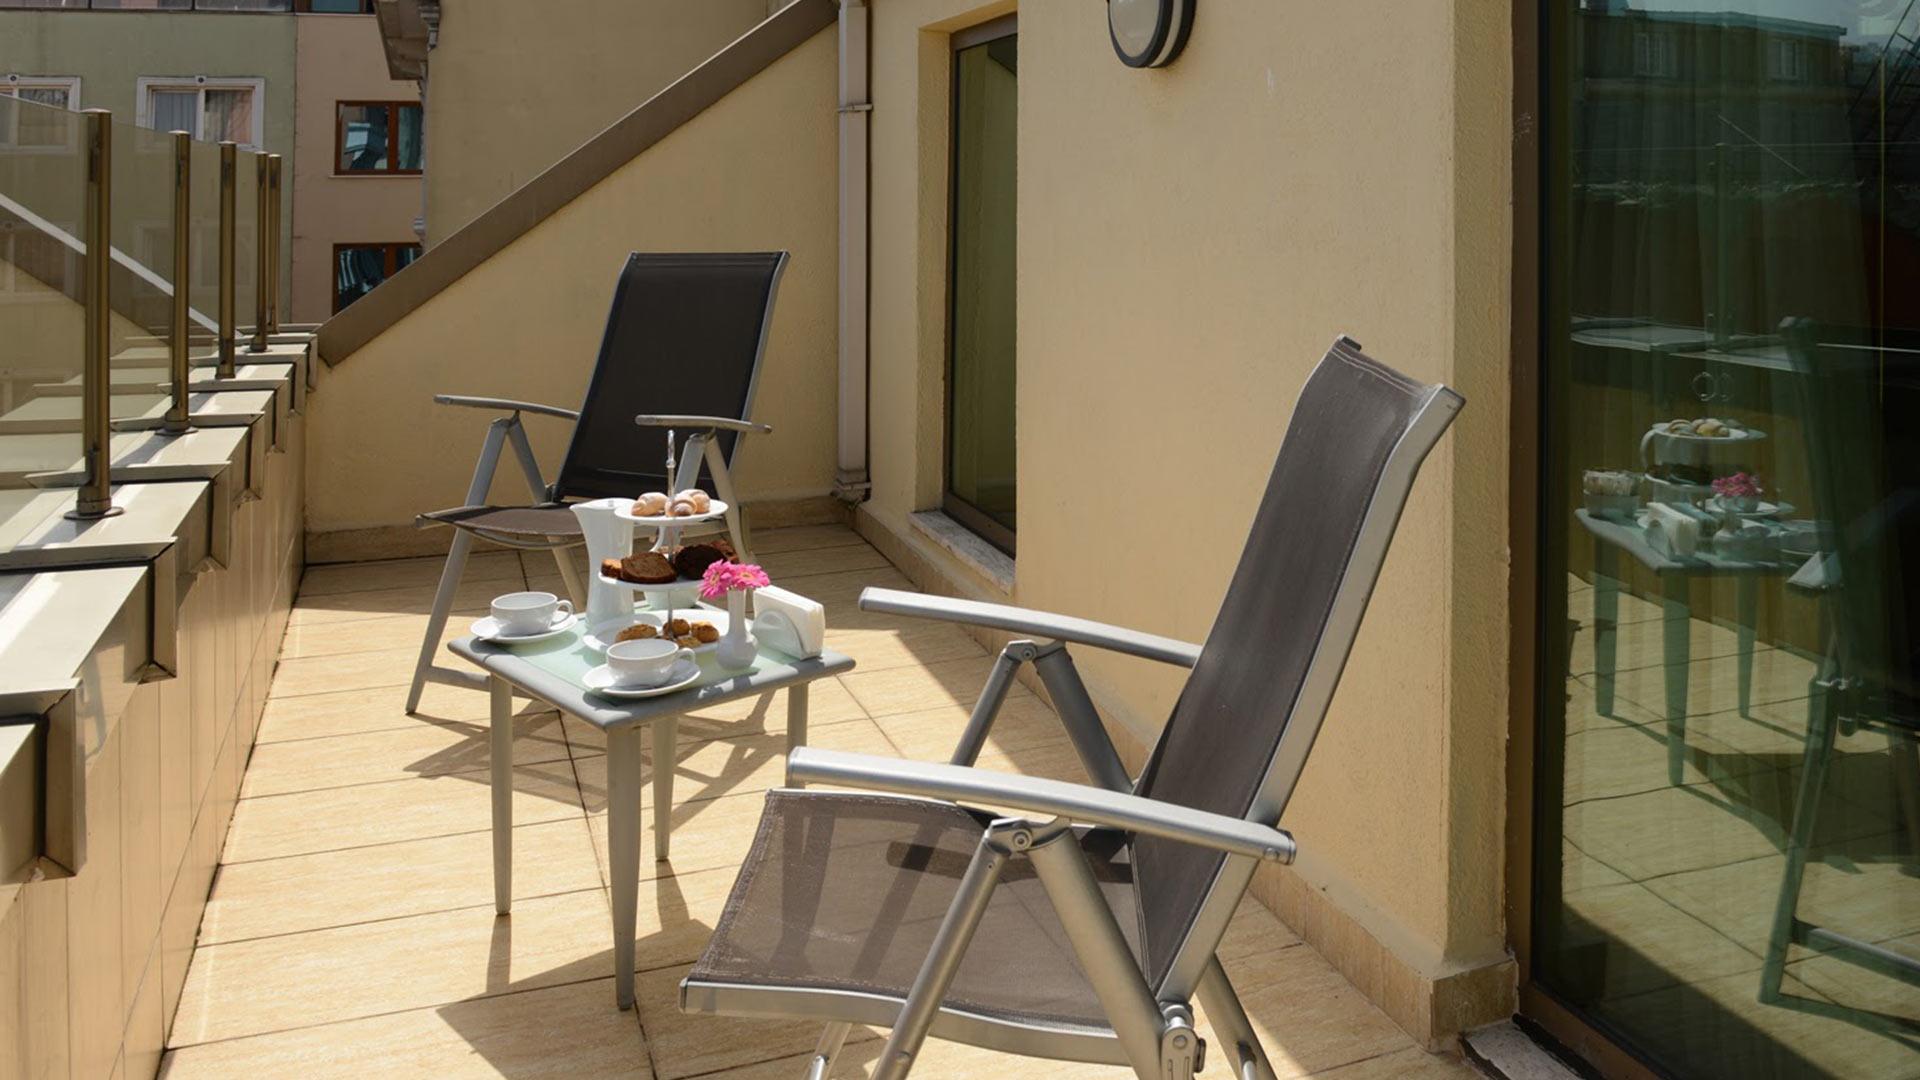 Sultania_Hotel_Room_Balcony